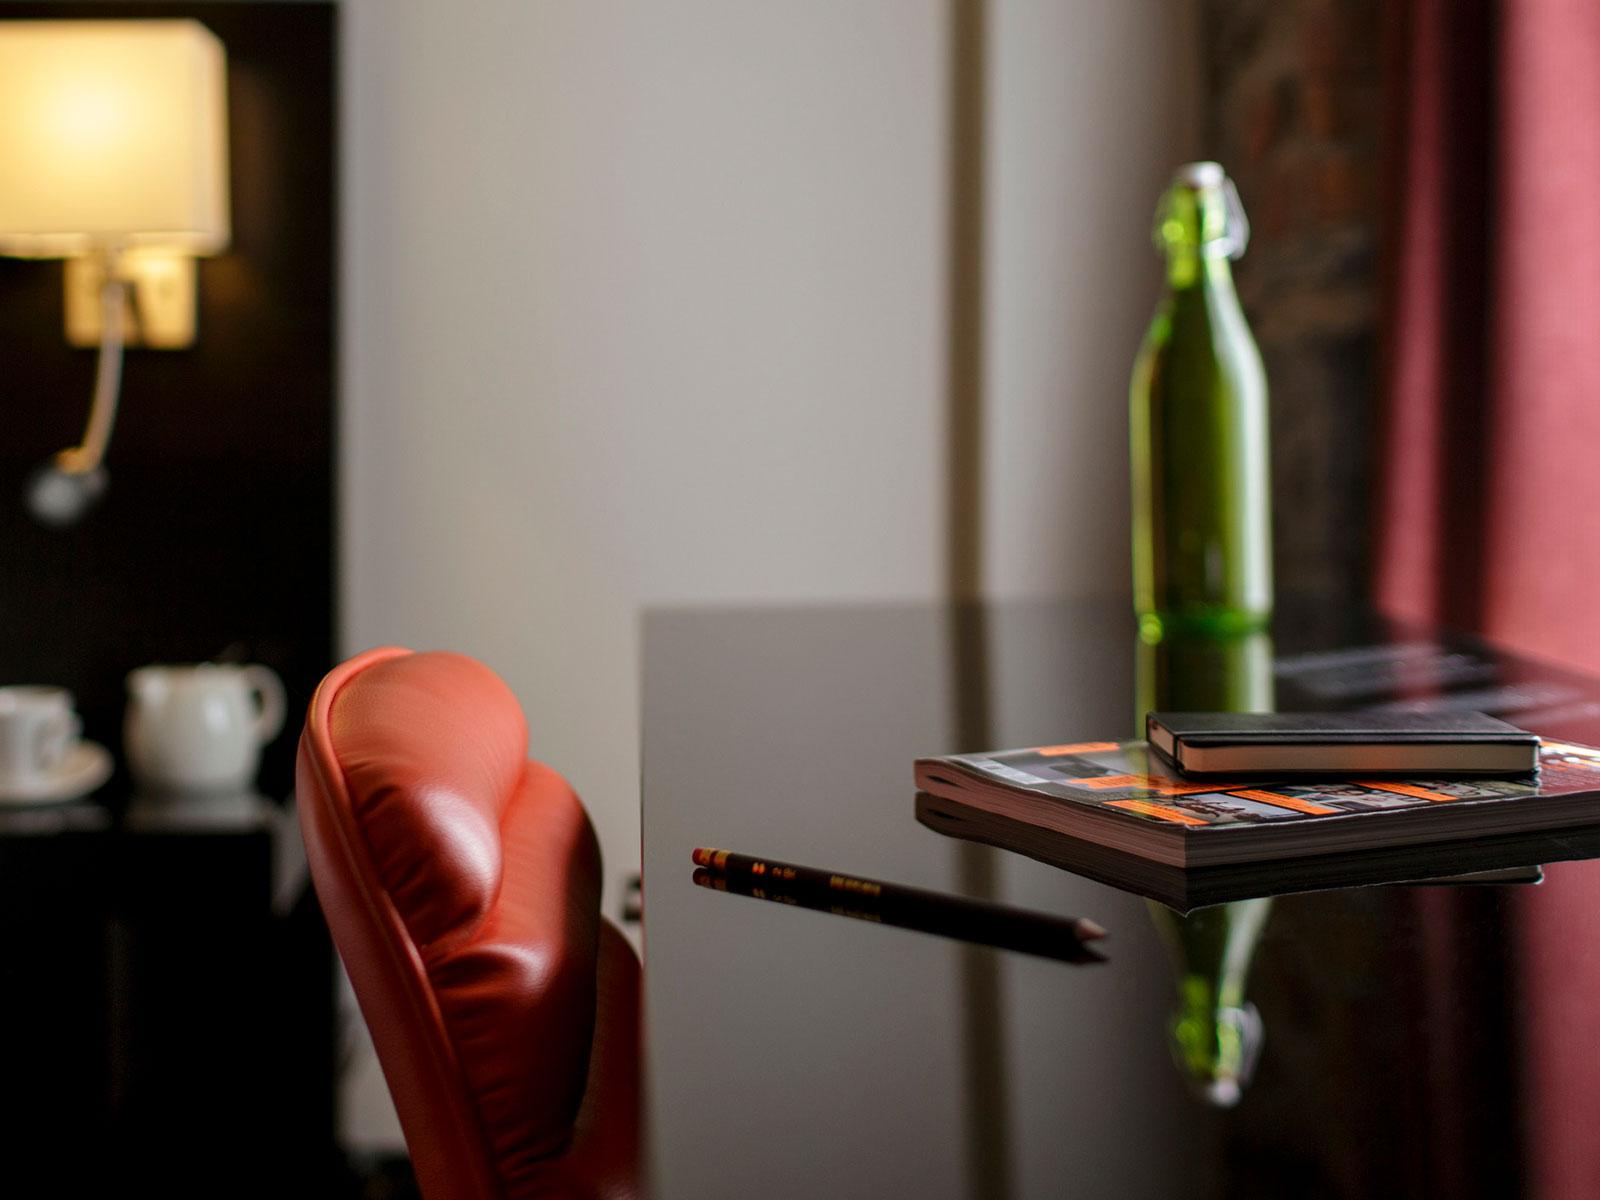 Une chaise orange et un bureau avec une bouteille et des carnets posés dessus.